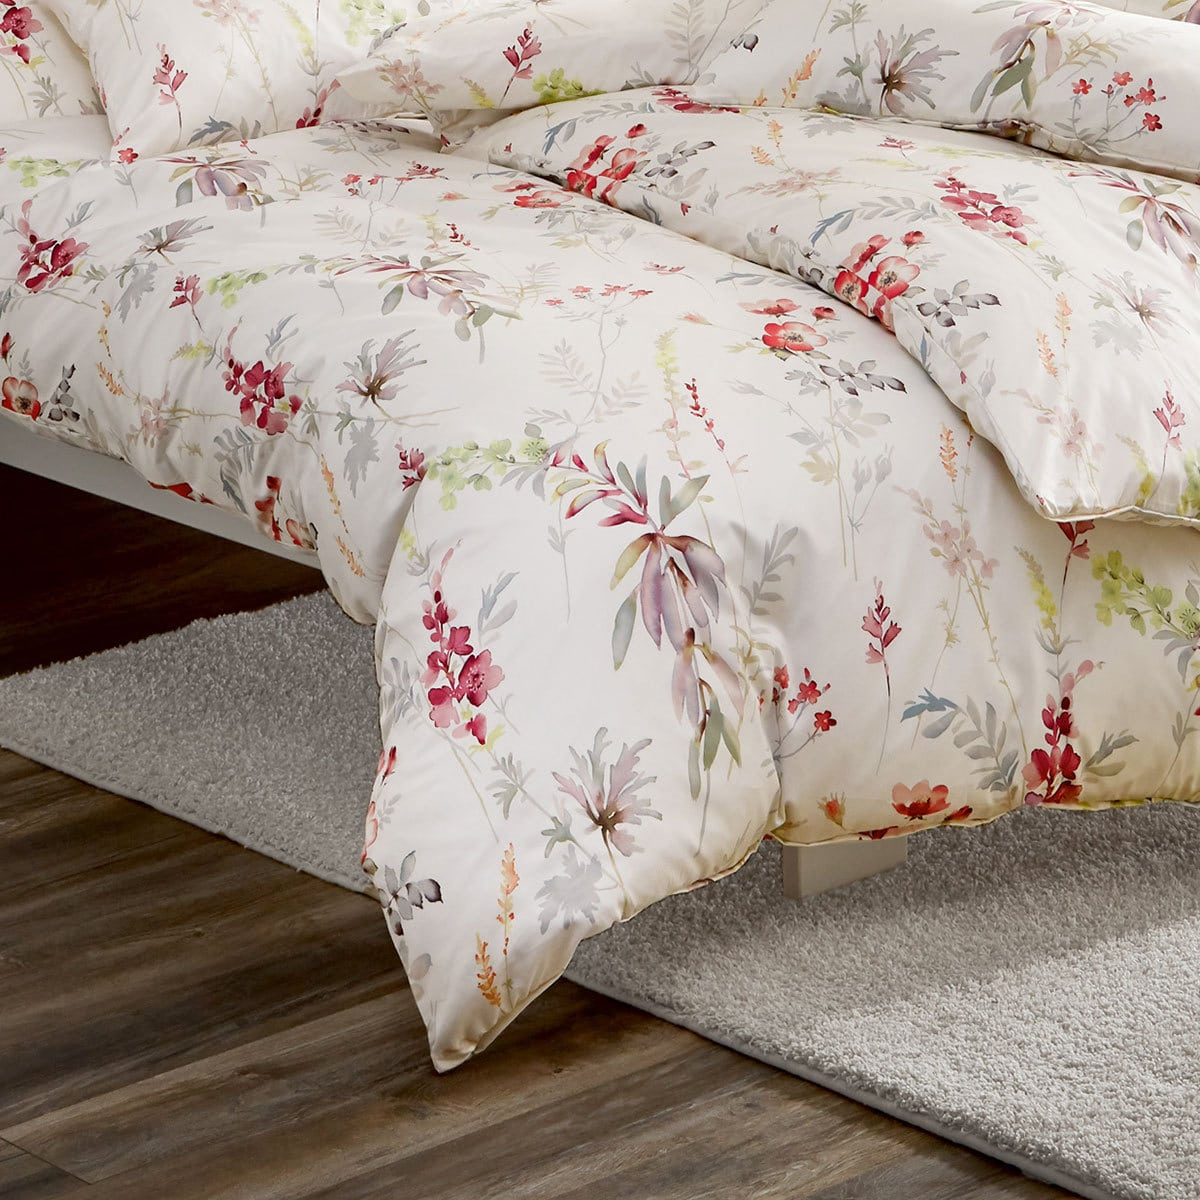 estella mako satin bettw sche mariella kirsch g nstig online kaufen bei bettwaren shop. Black Bedroom Furniture Sets. Home Design Ideas